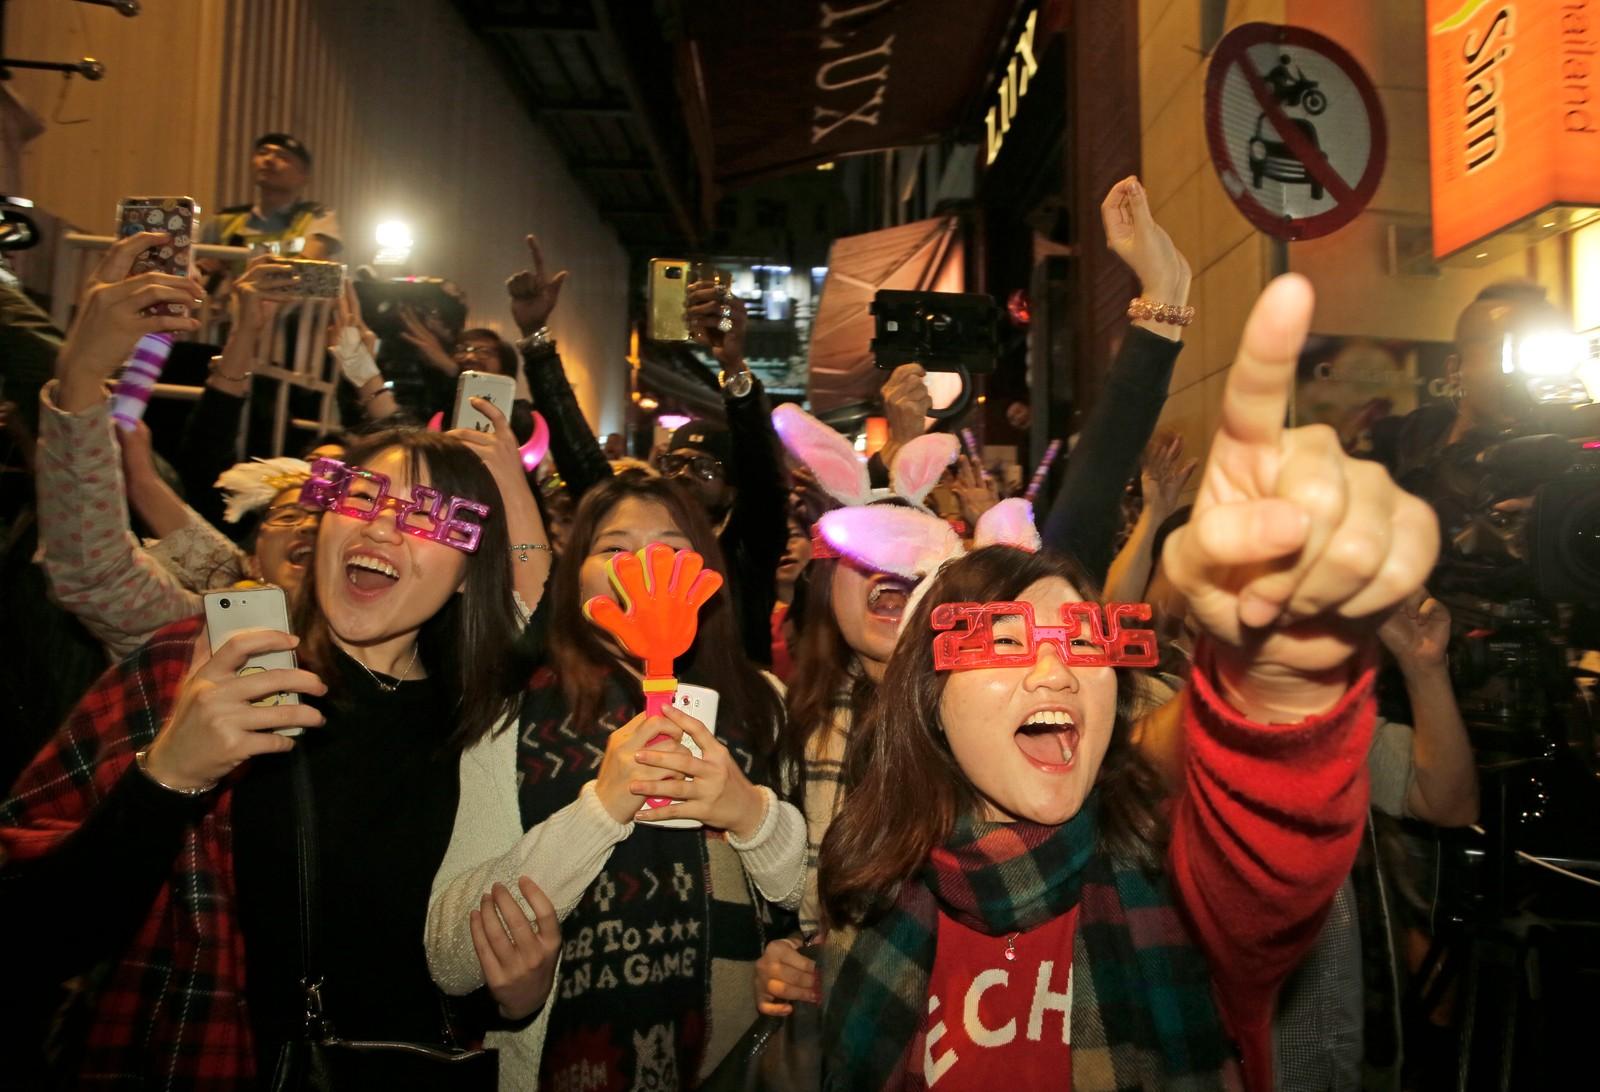 Klokken 17.00, norsk tid, var det duket for nyttårsfeiring i Hong Kong i Kina.